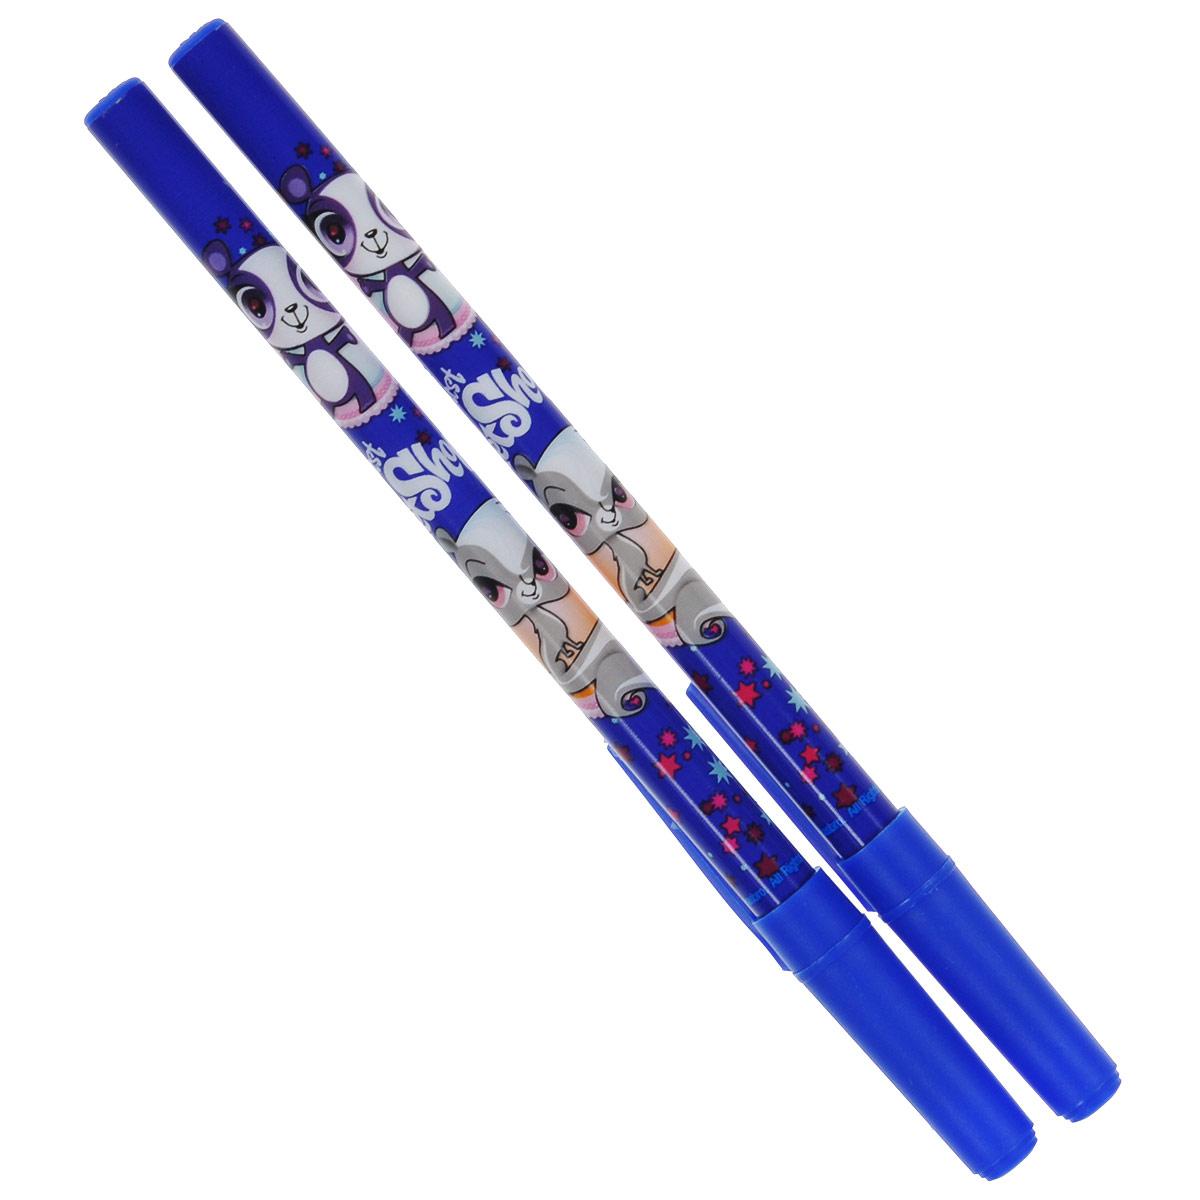 Ручки шариковые, цвет пасты синий, 2 шт. Littlest Pet ShopC13S041944Ручки шариковые, цвет пасты синий, 2 шт. Littlest Pet Shop Поверхность: Бумага. Упаковка: .